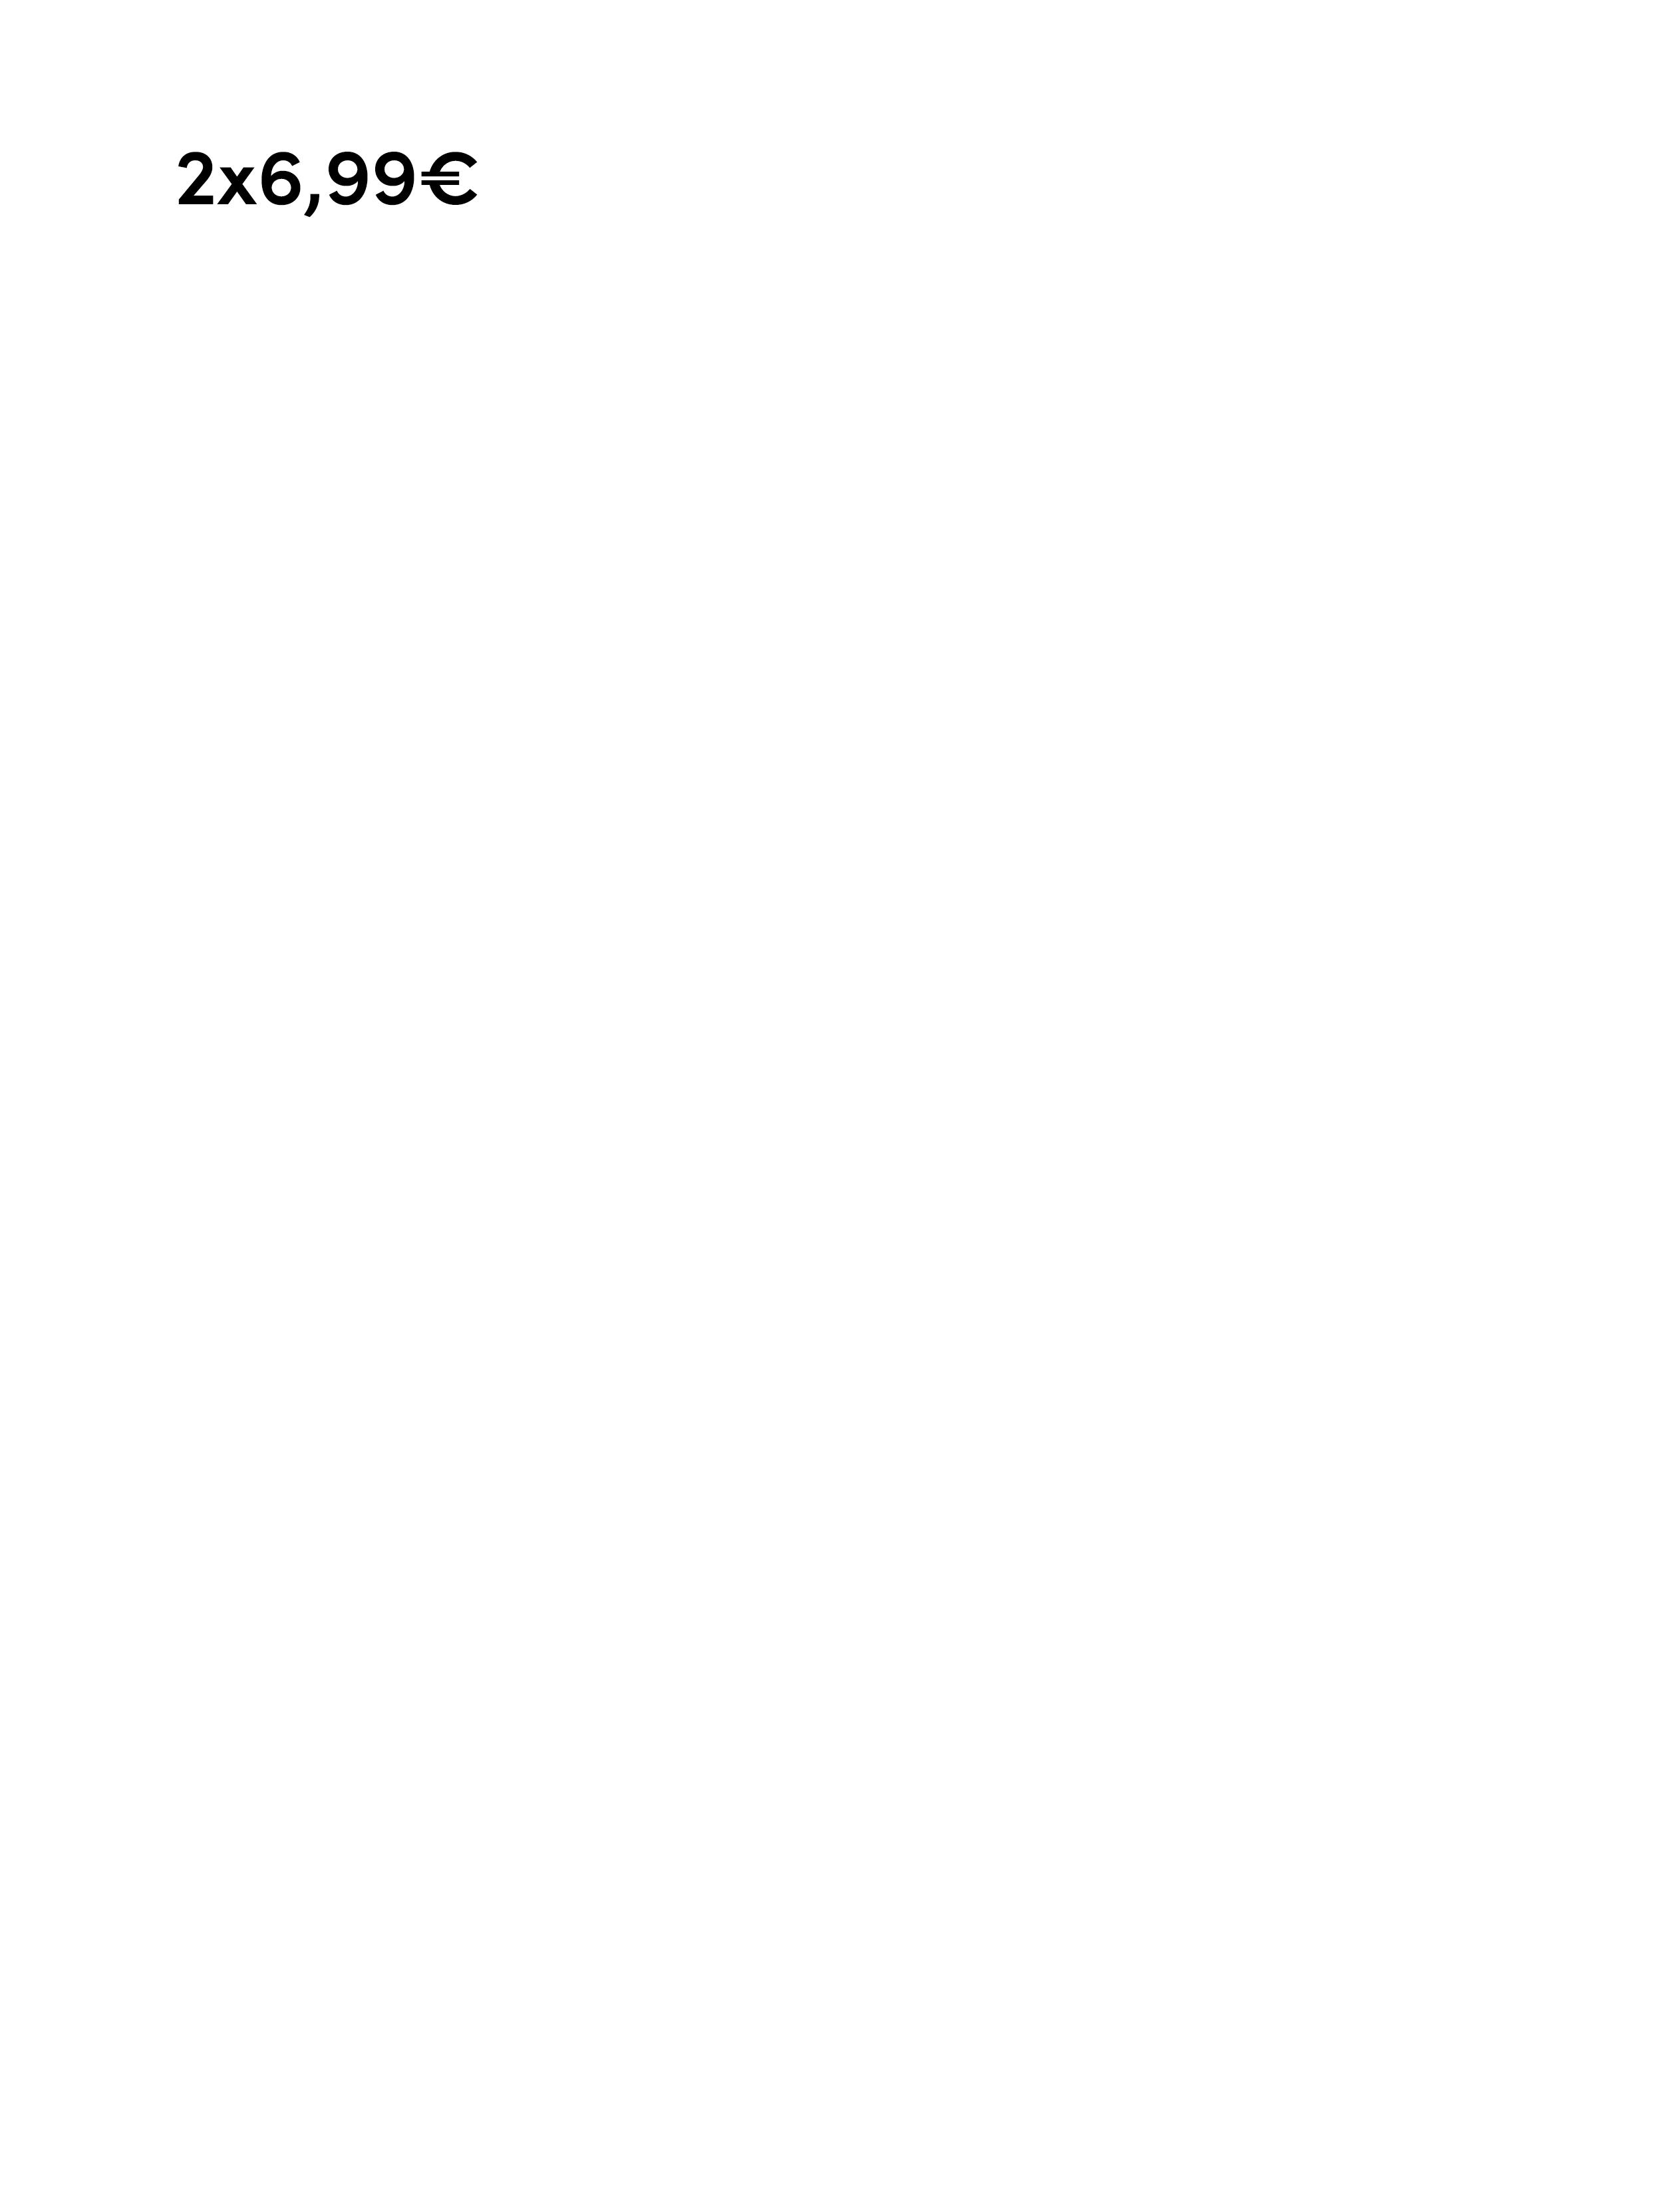 SK_2x6,99